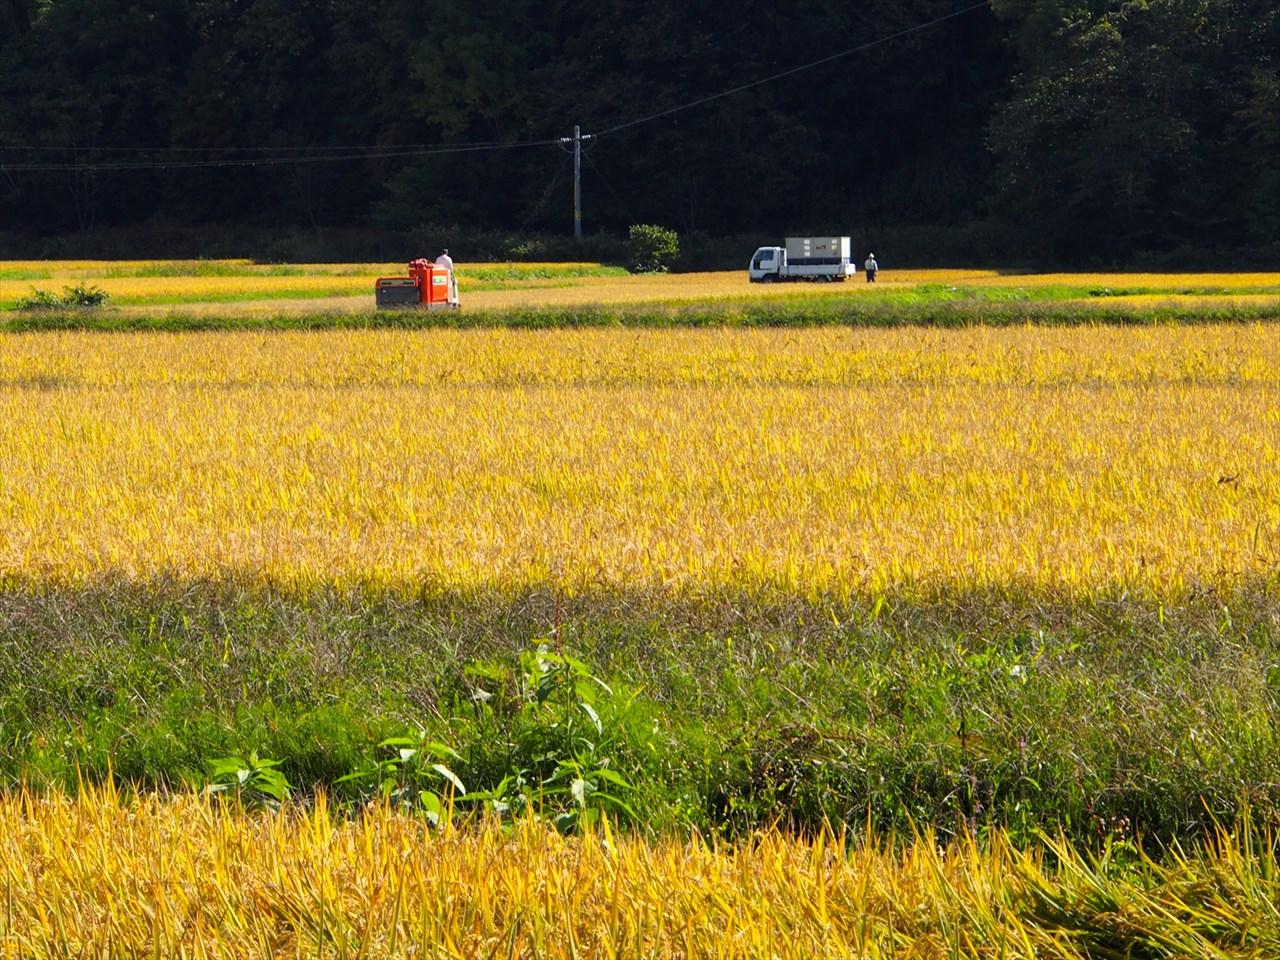 稲の収穫を行うトラクター